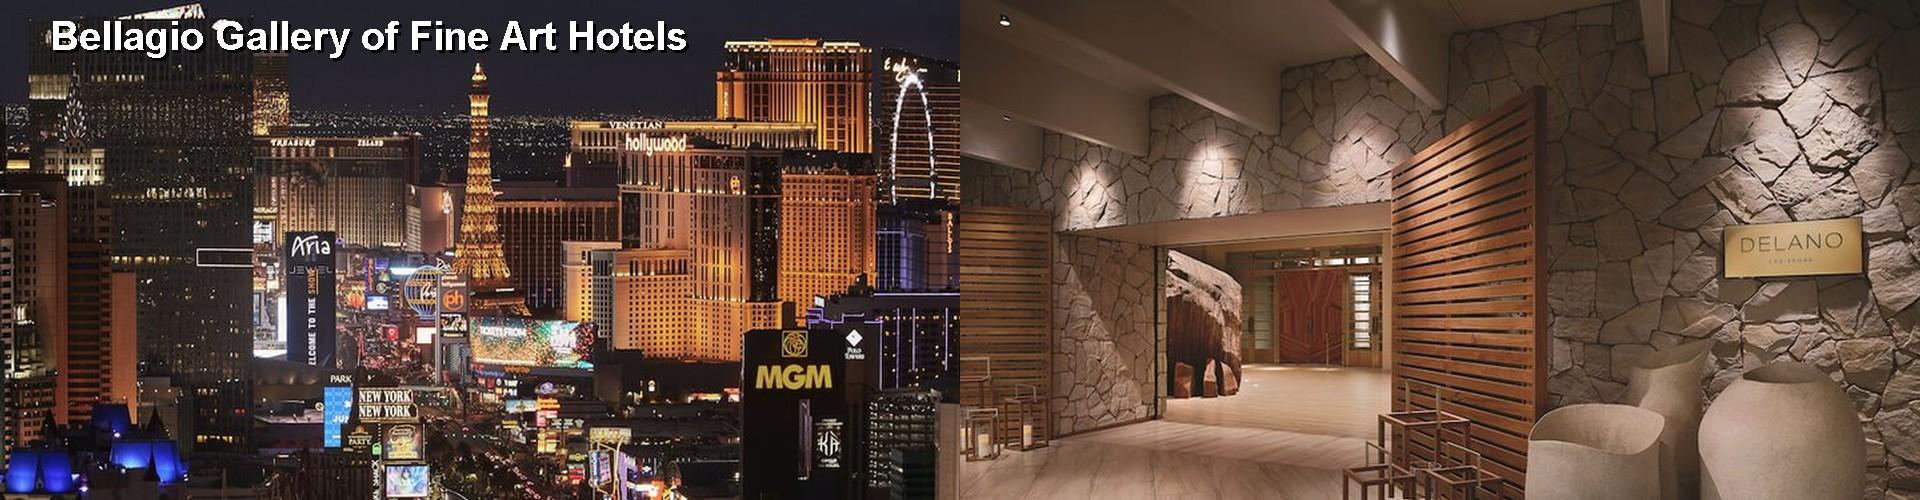 5 Best Hotels Near Bellagio Gallery Of Fine Art